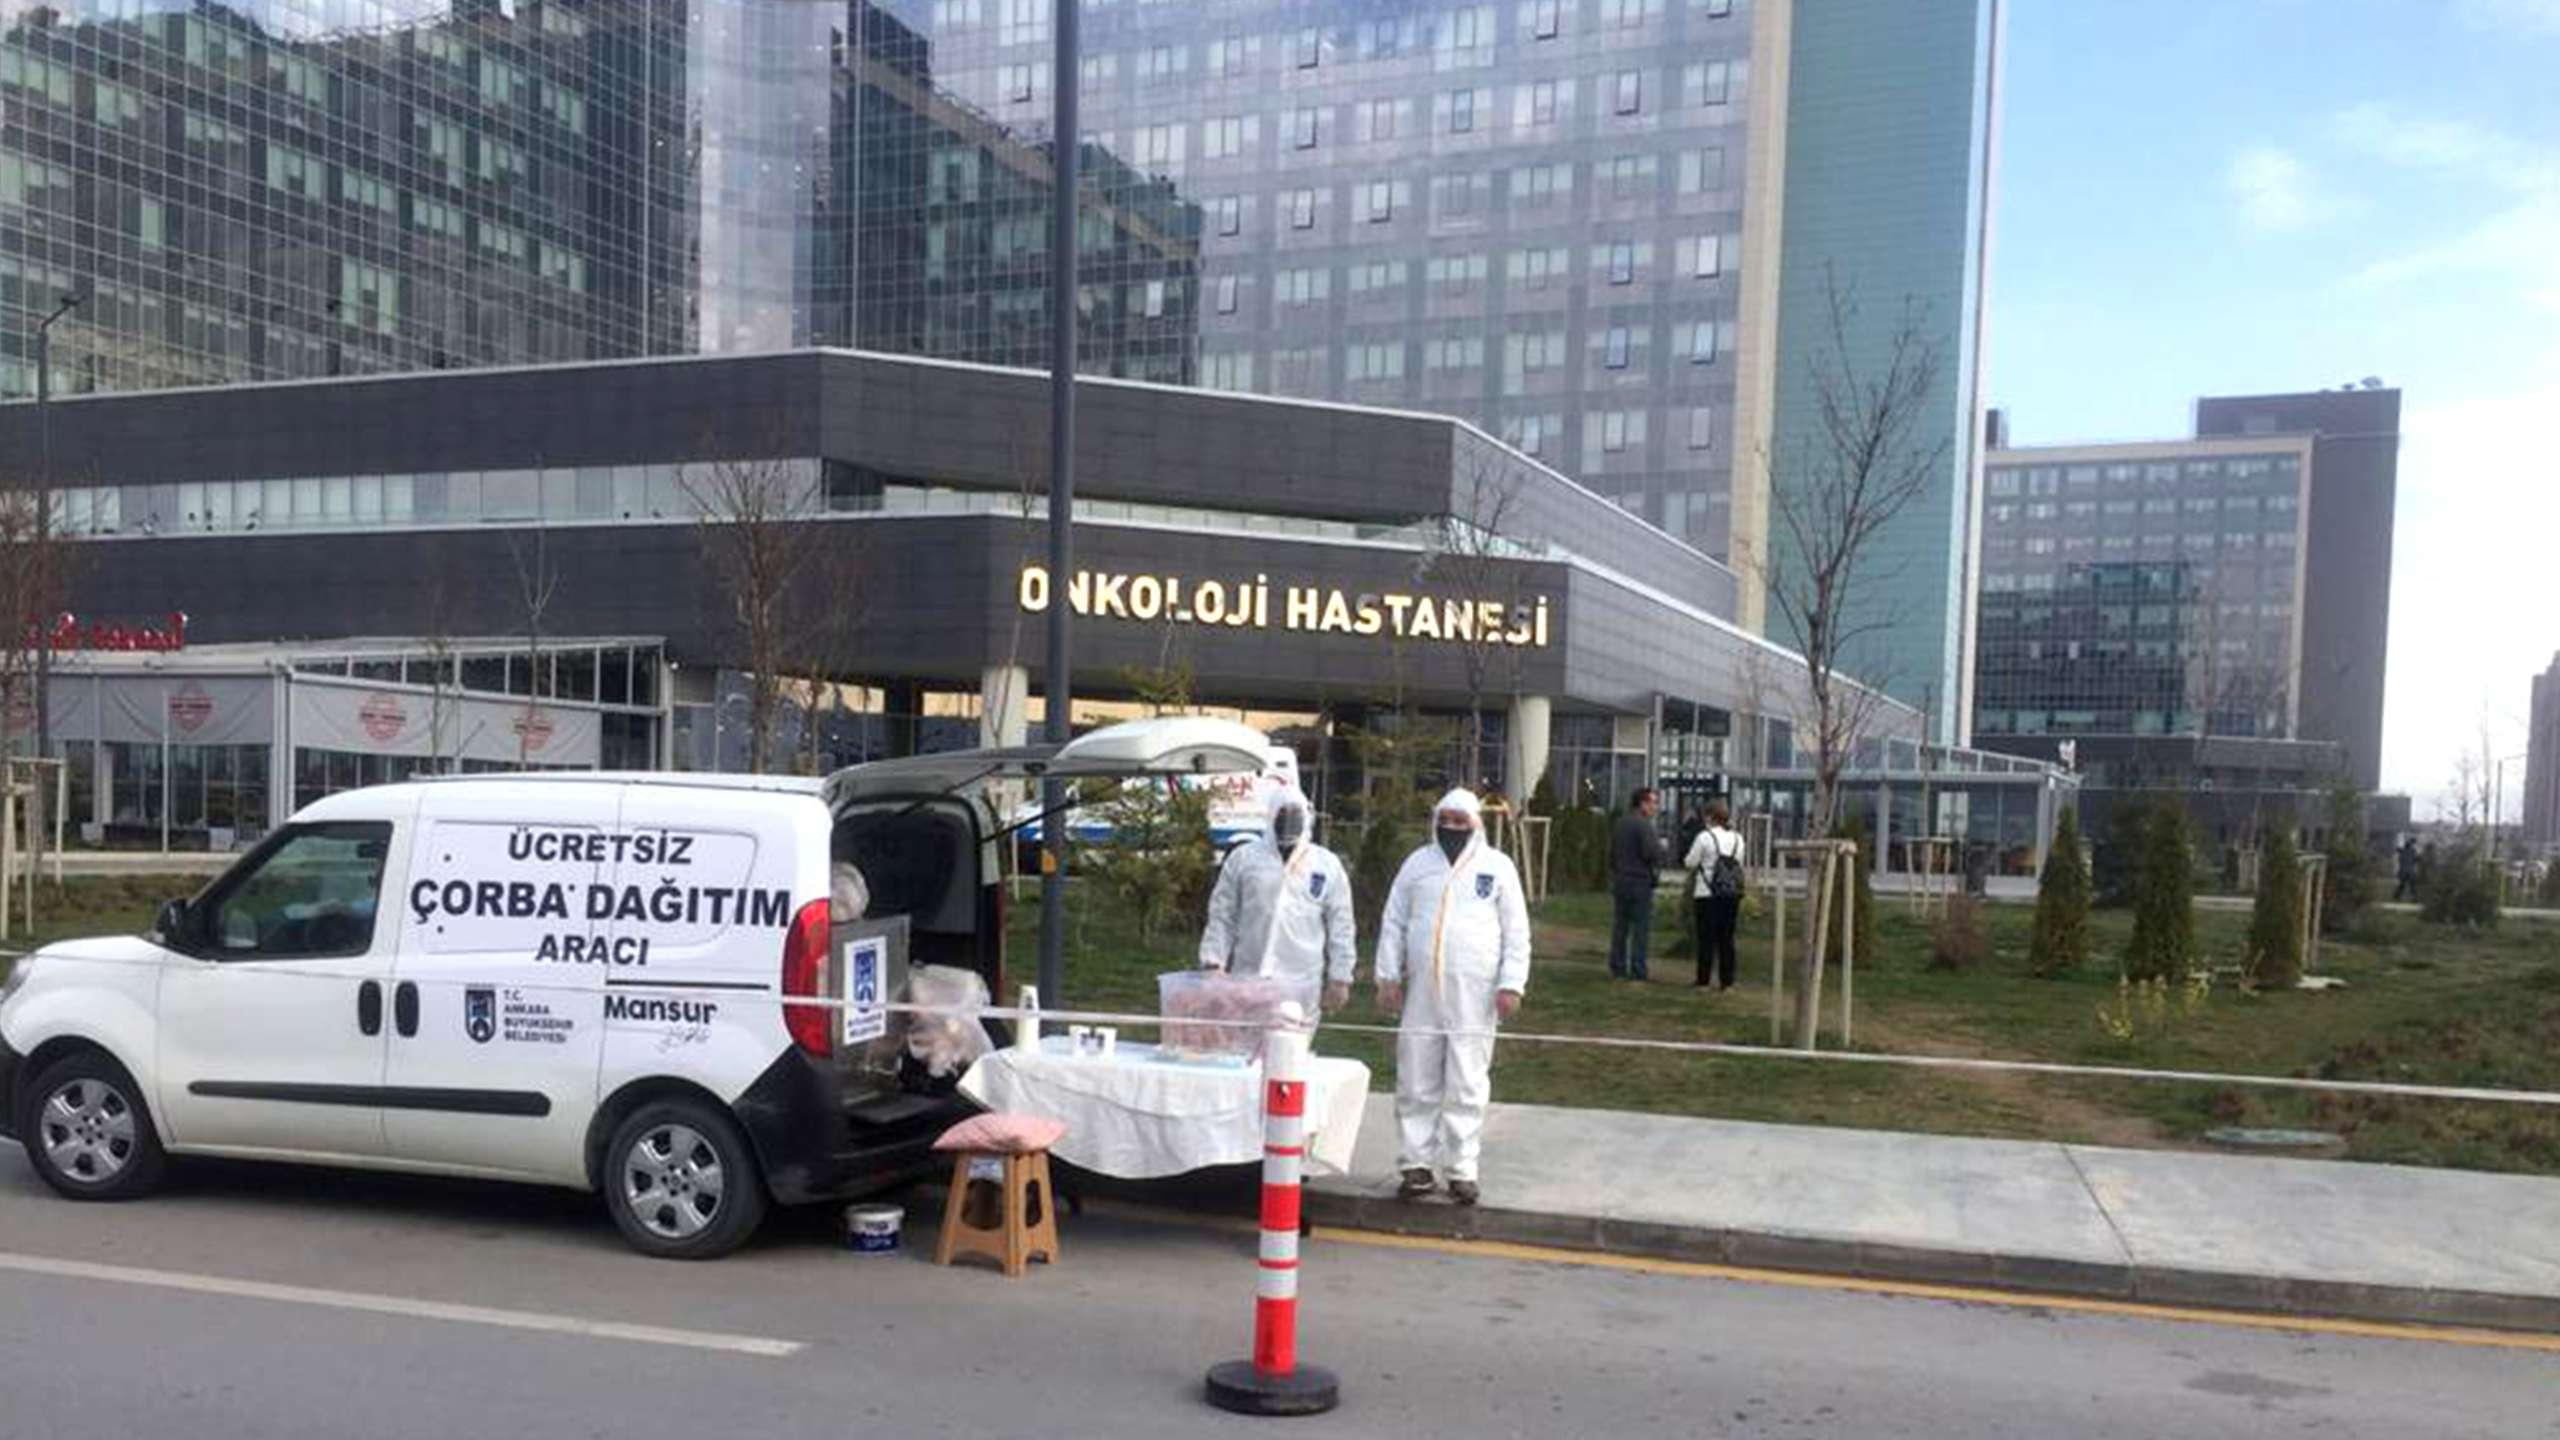 Ankara Büyükşehir Belediye Başkanımız Sn. Mansur YAVAŞ'ın talimatıyla, sağlık çalışanlarımız için Hacettepe, Zekai Tahir Burak ve Şehir Hastanesinde sıcak çorba dağıtımına başlandı. #6MilyonTekYürek